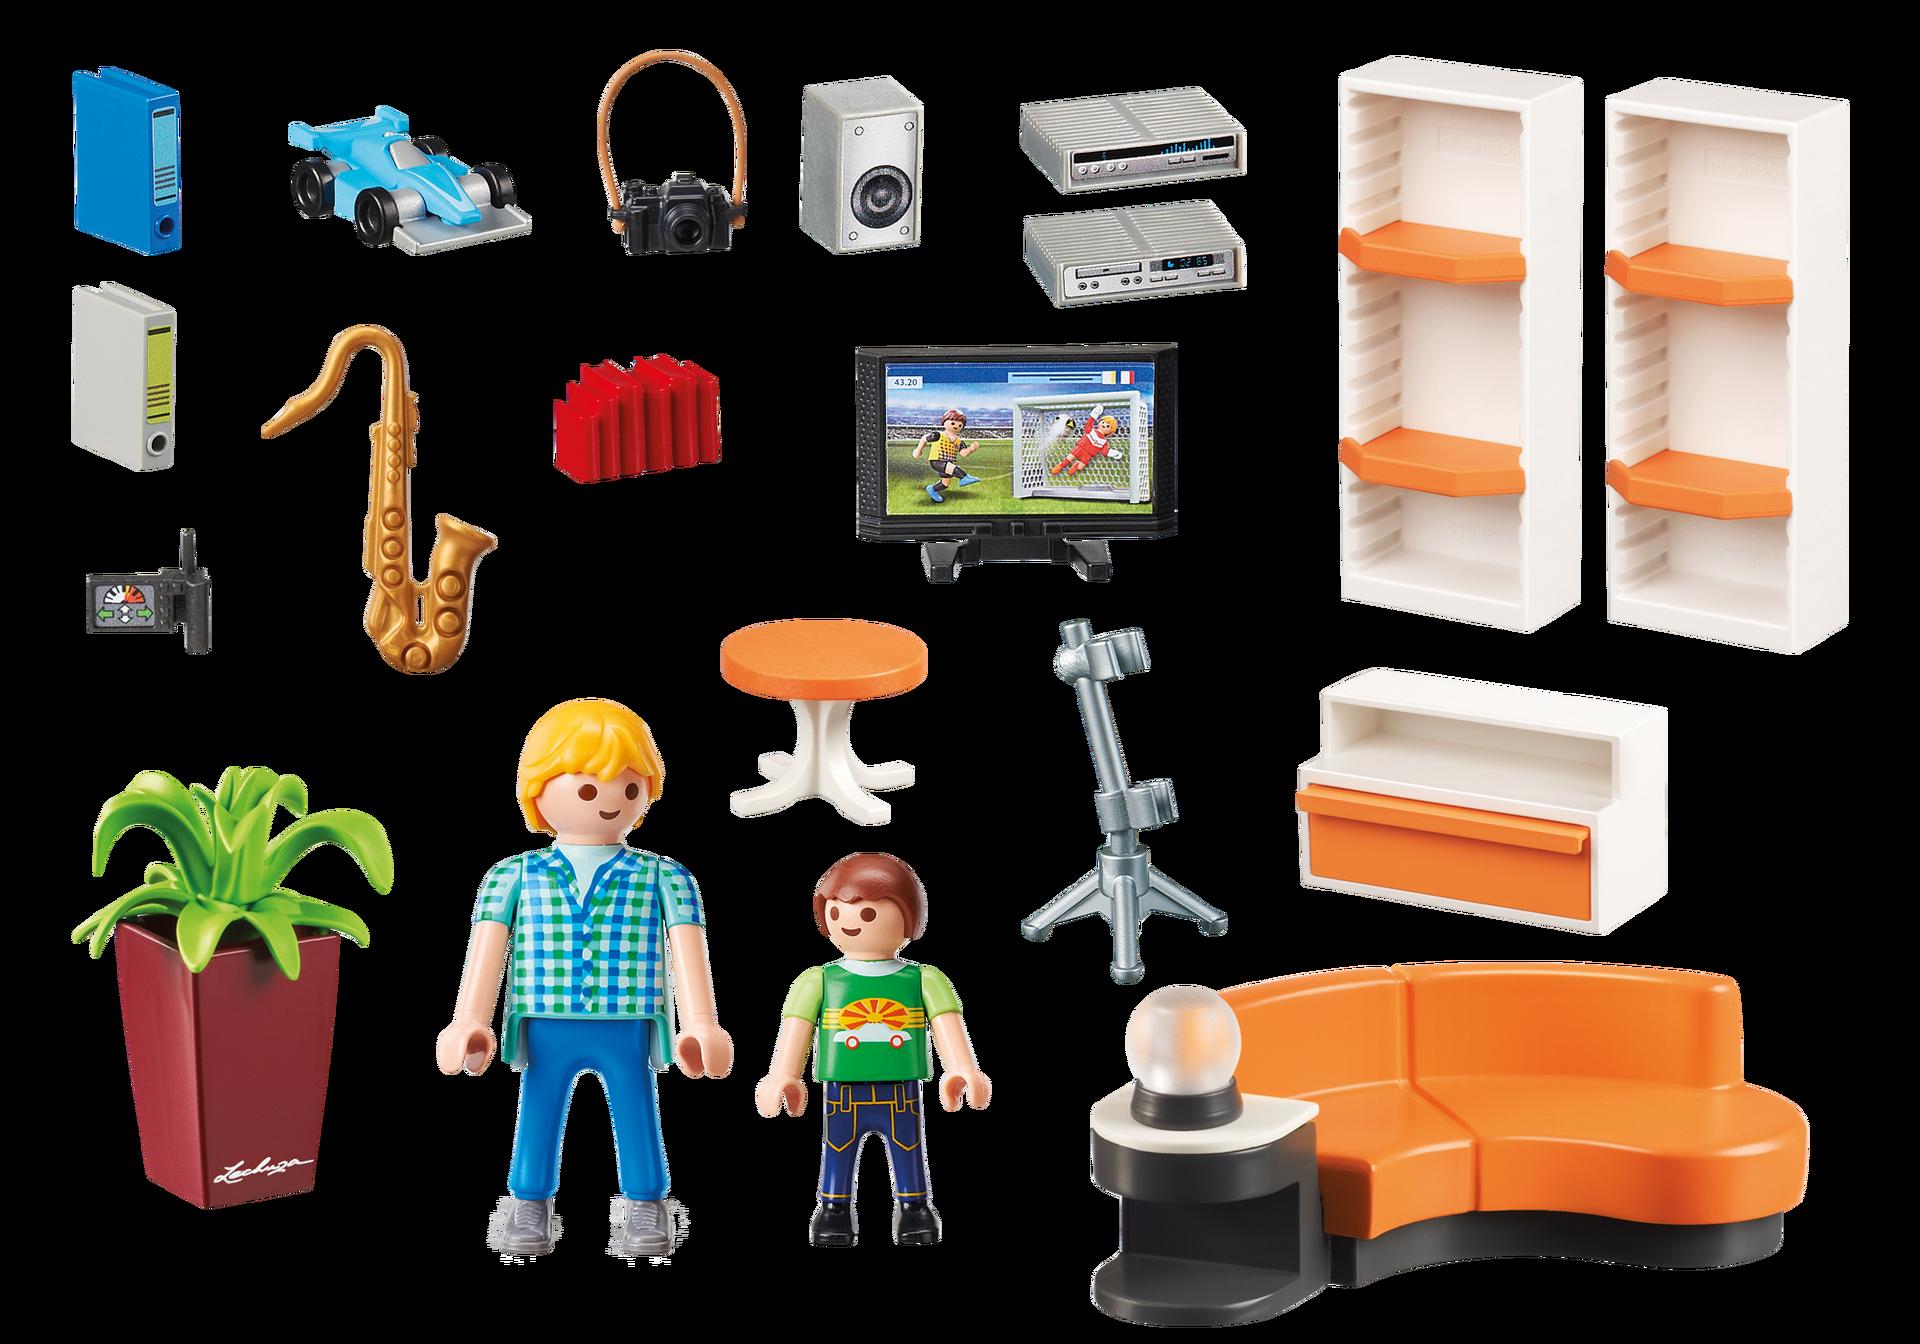 Wohnzimmer 9267 Playmobil 174 Deutschland